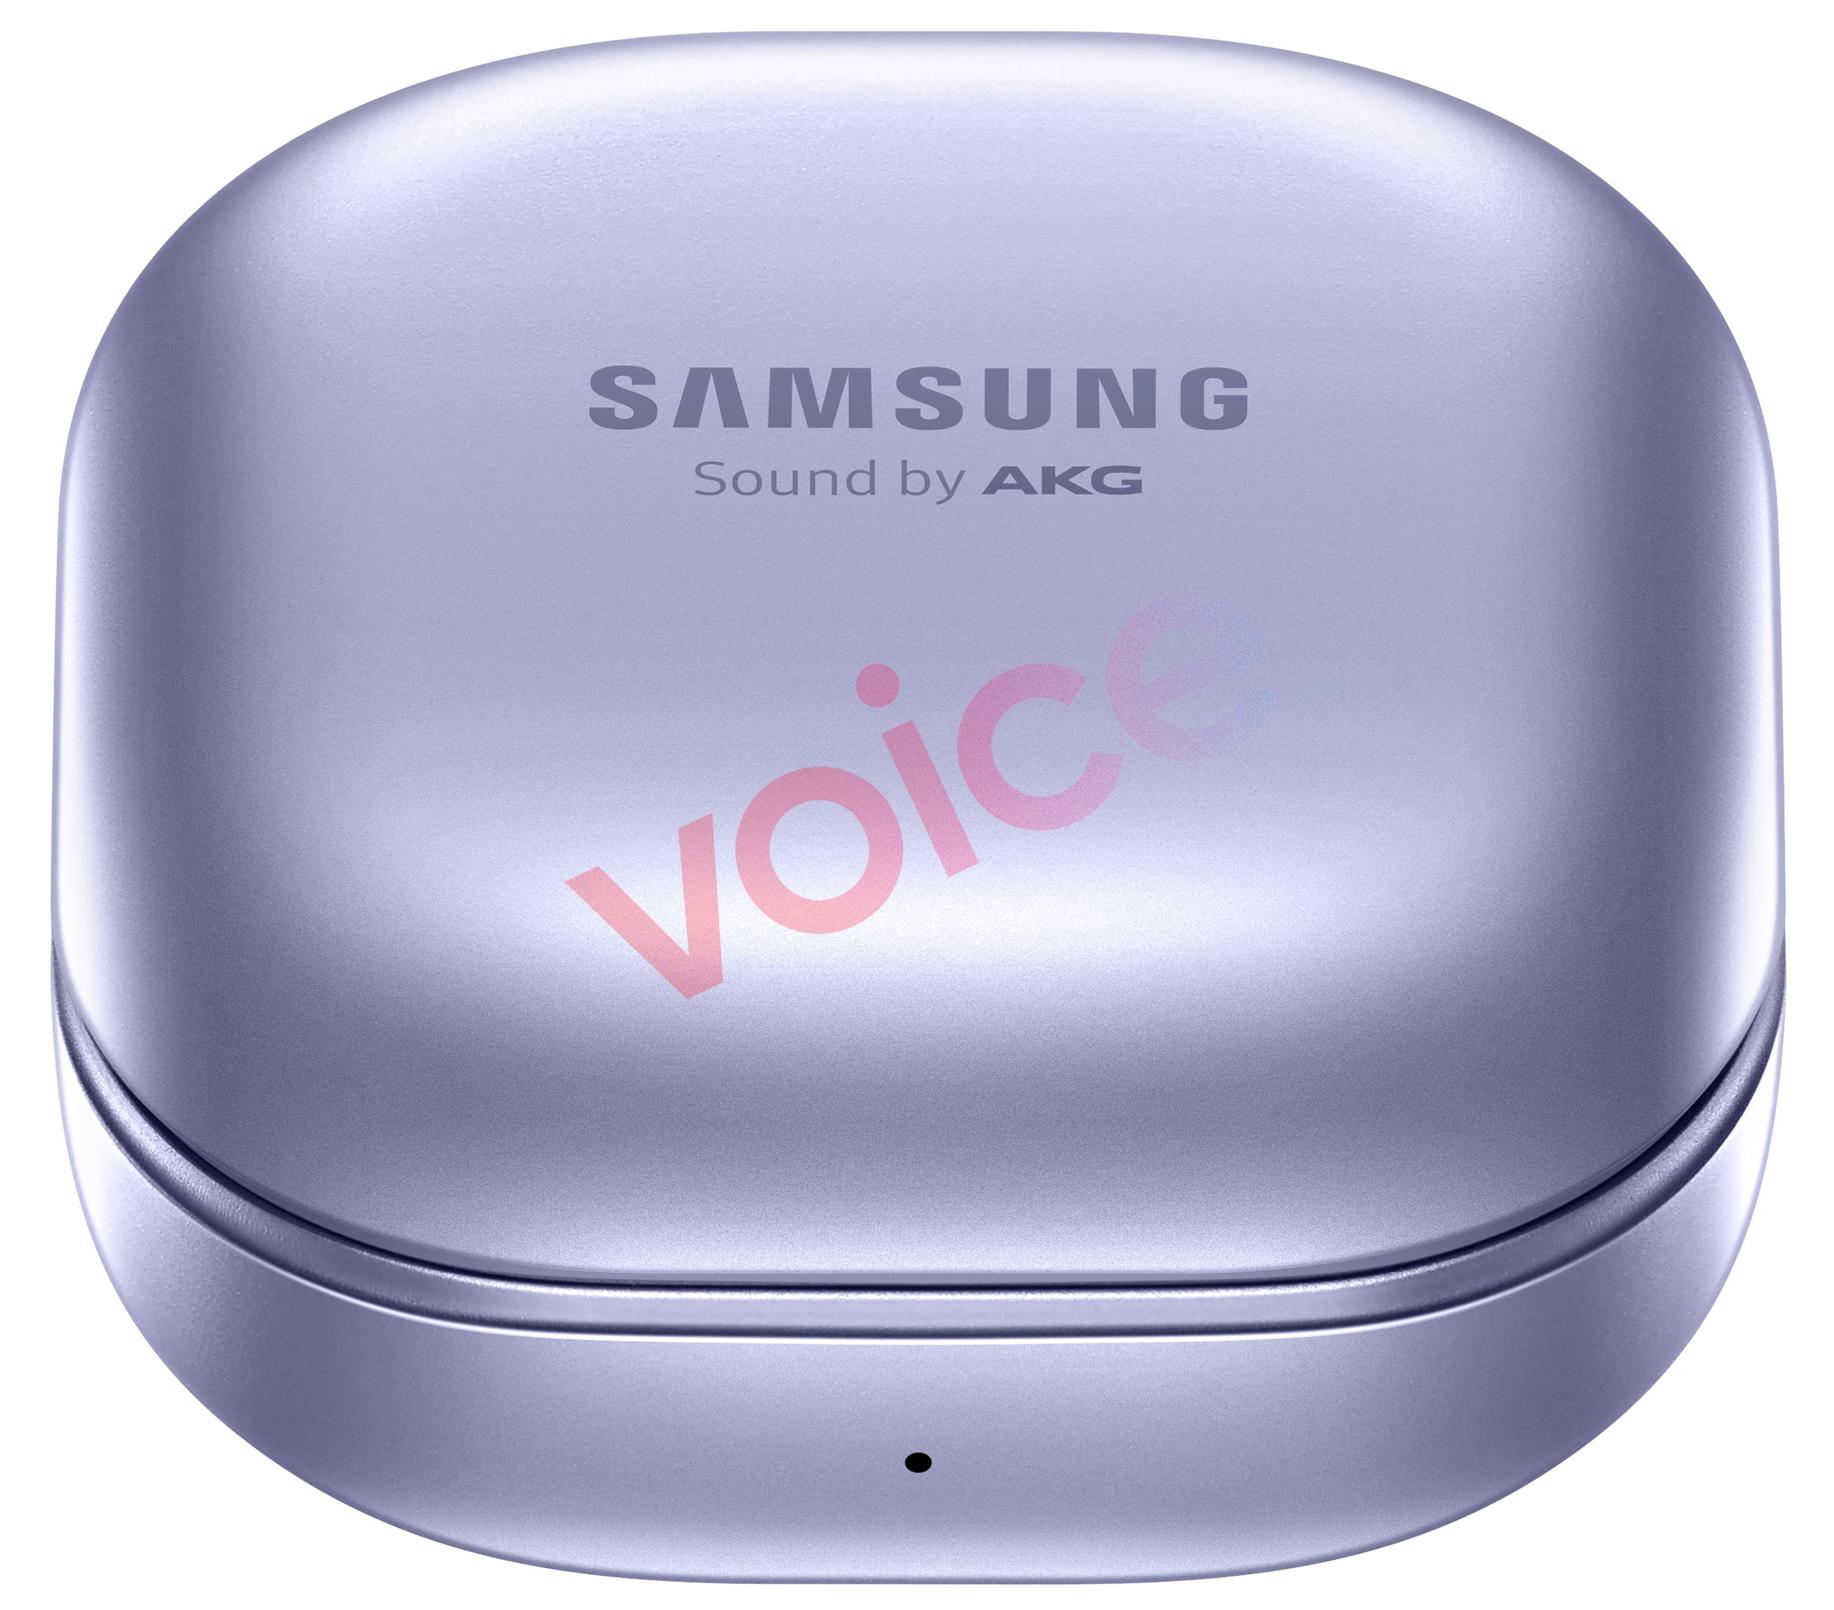 Ecco le prime immagini delle cuffie Samsung Galaxy Buds Pro 1